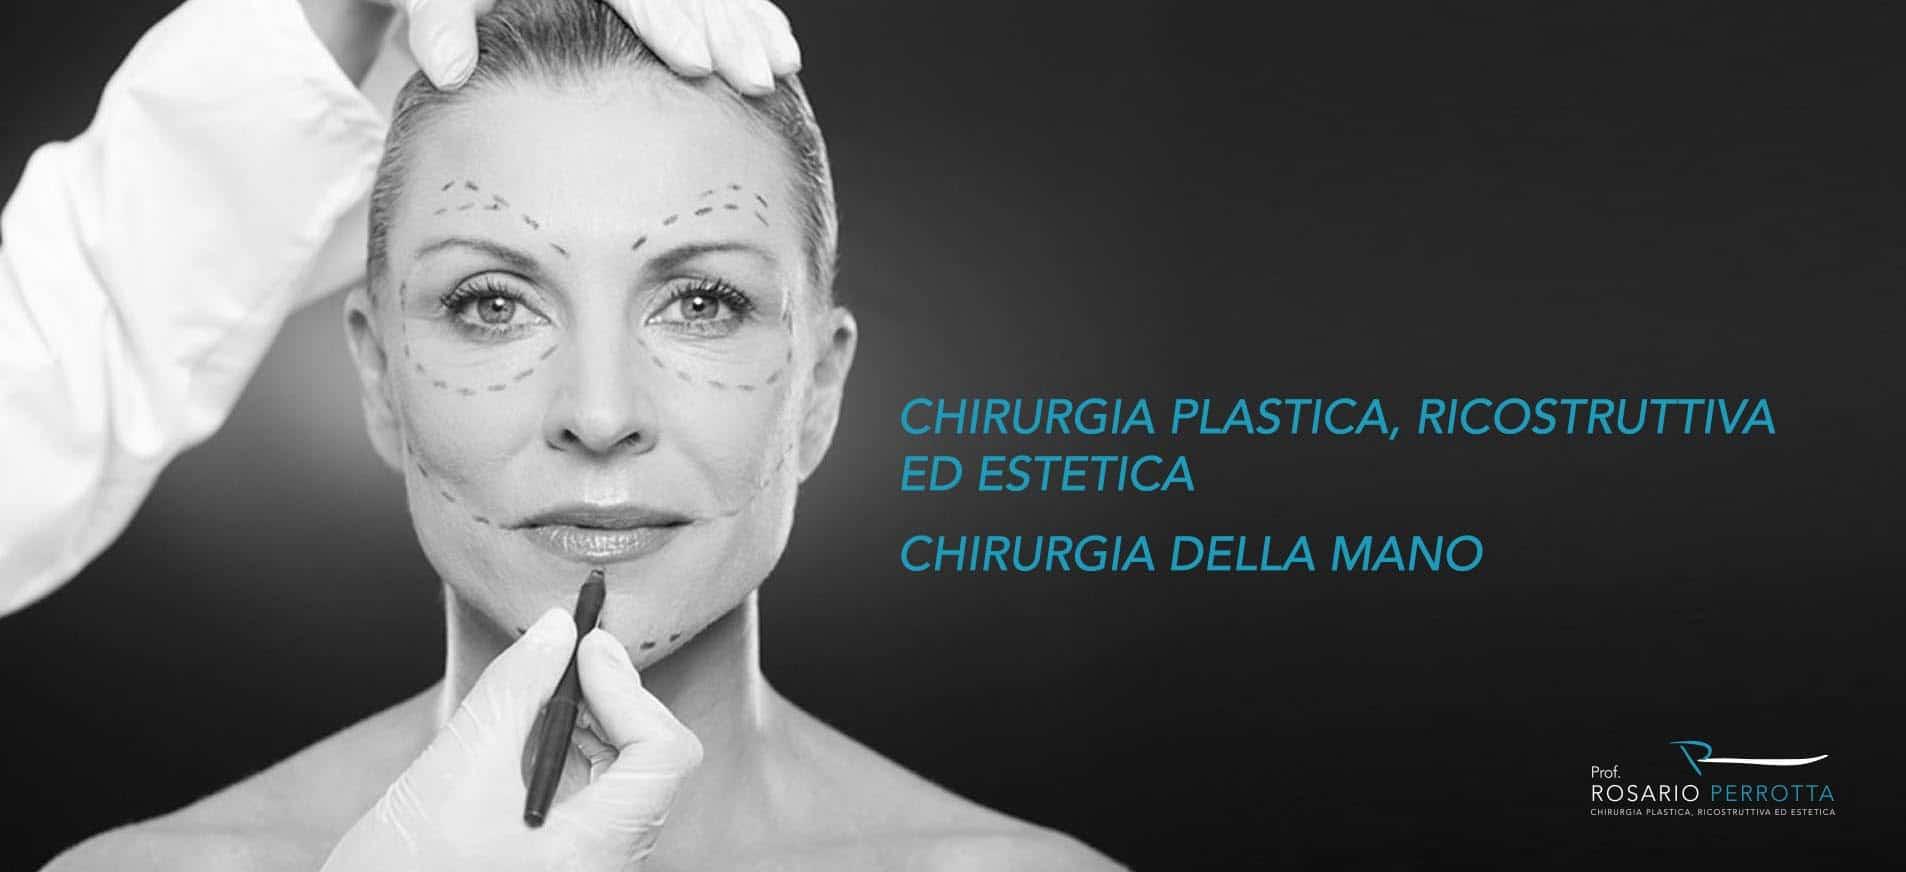 chirurgia plastica ed estetica